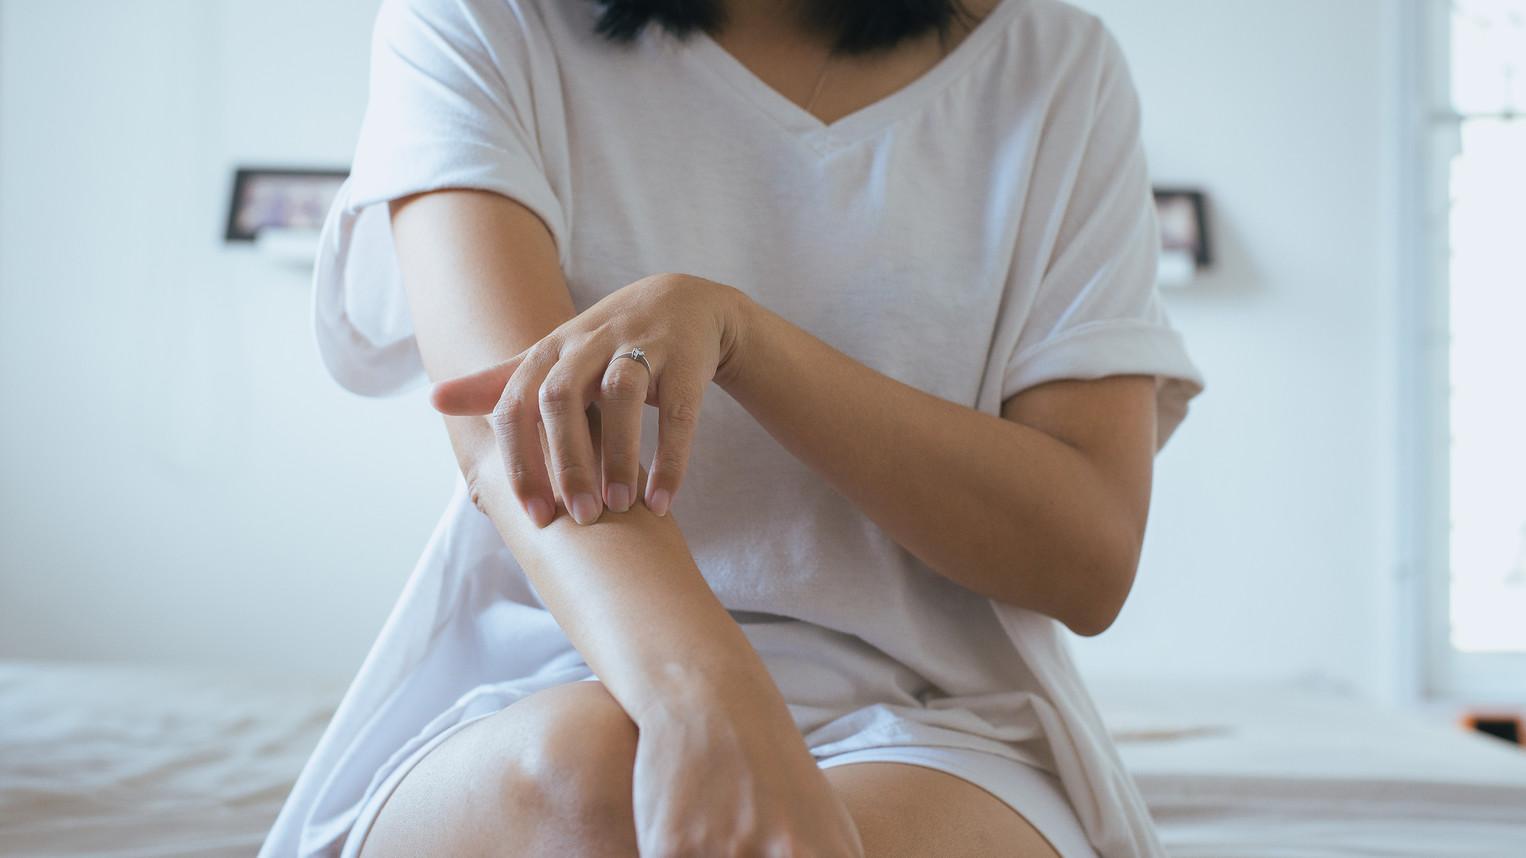 A betegség tüneteinek és szövődményeinek kezelése - Janssen 4 Patients